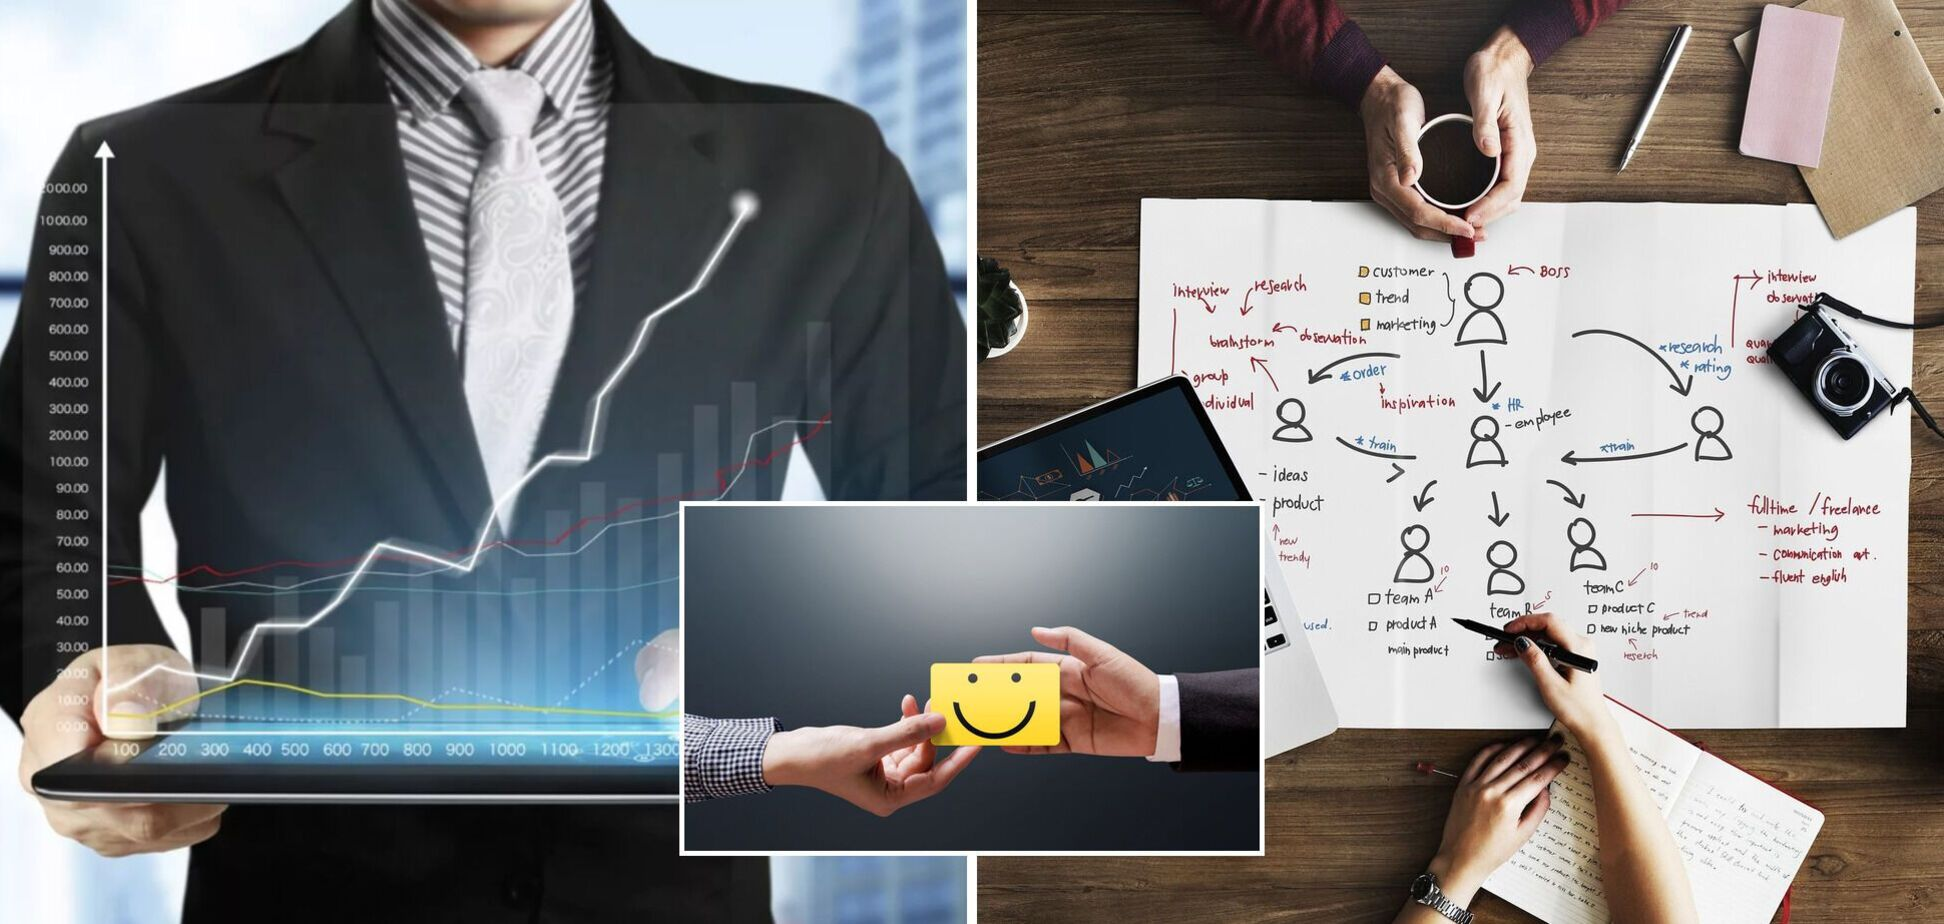 Мифы маркетинга, которые делают ваш бизнес уязвимым и неконкурентным